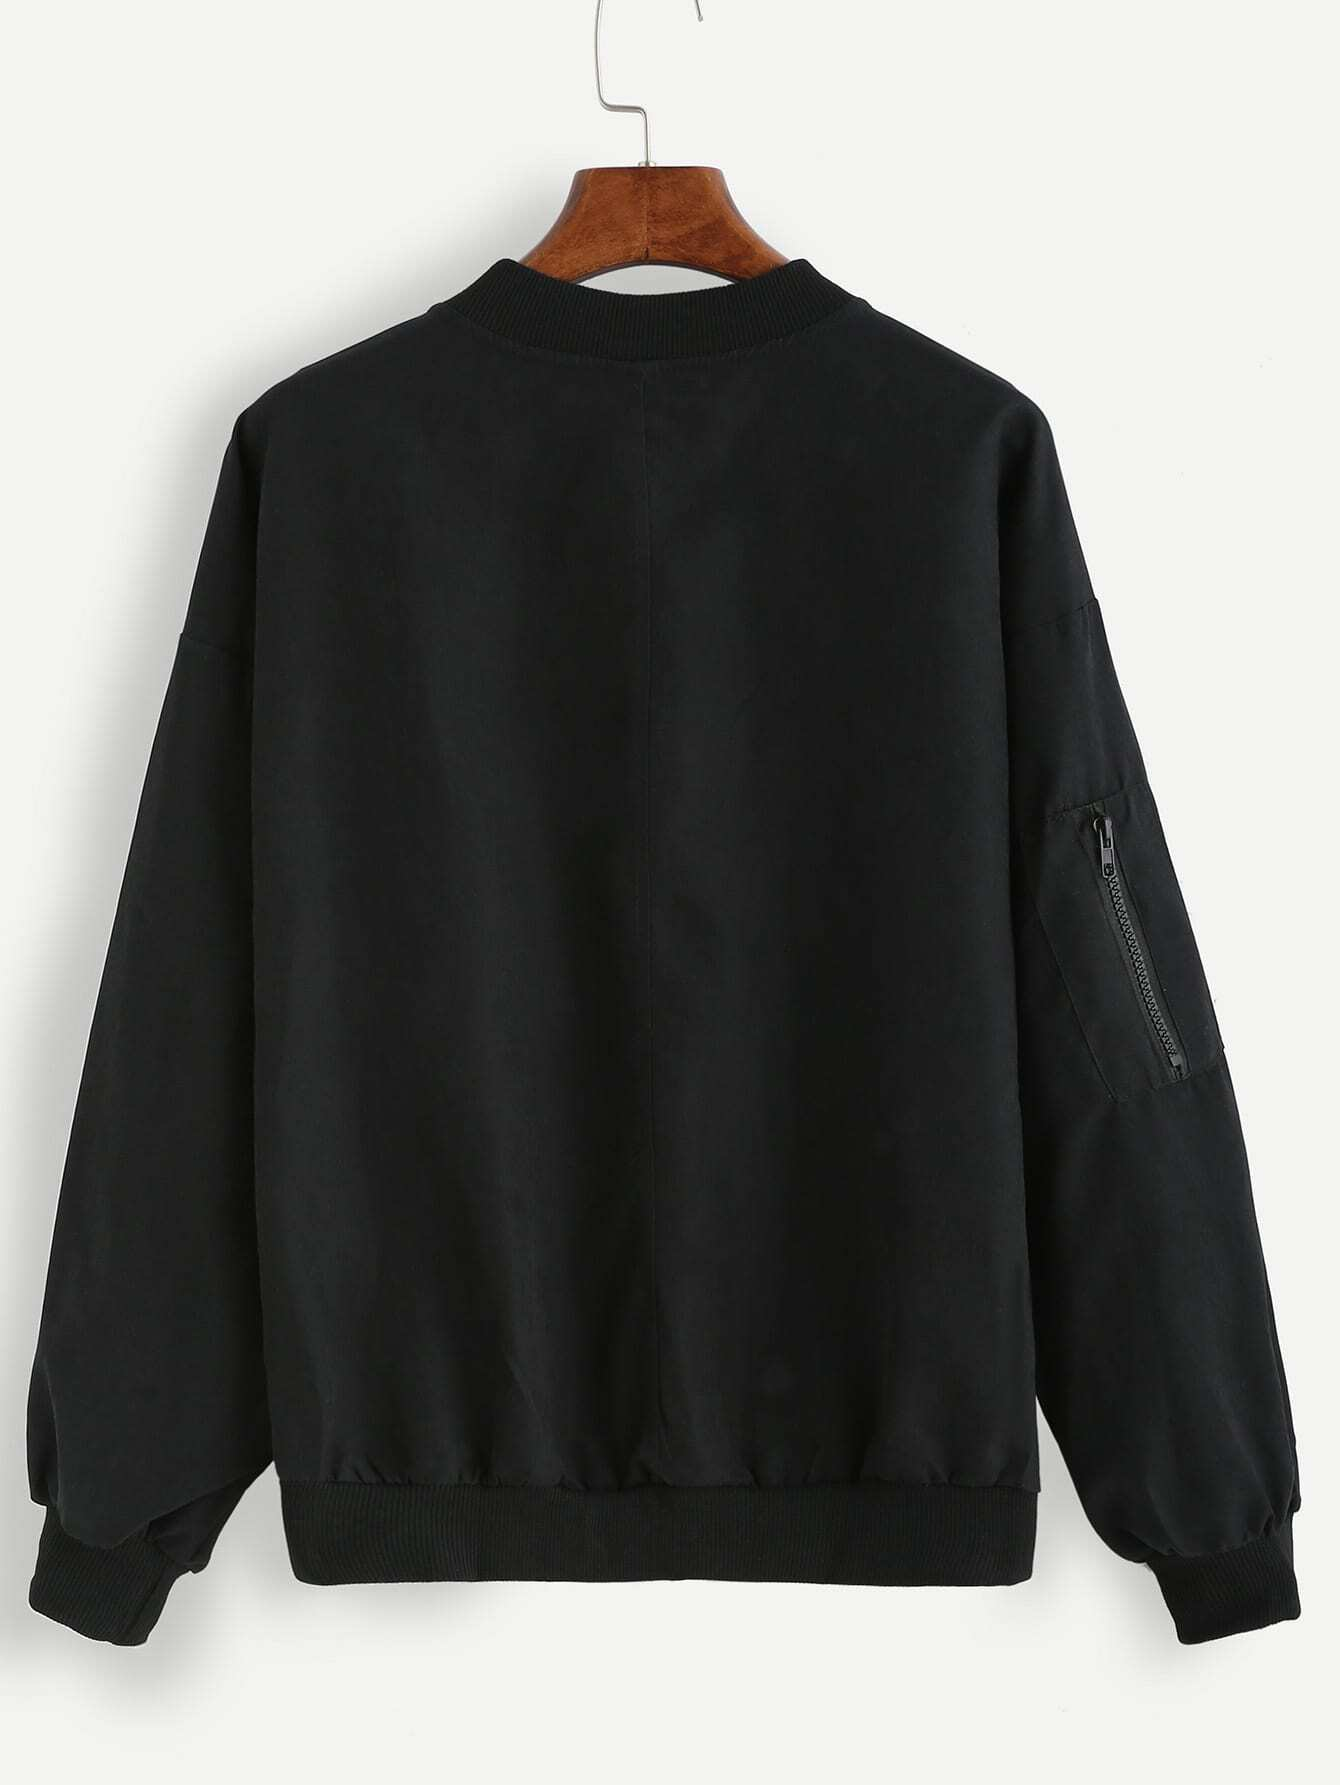 jacket160822002_2